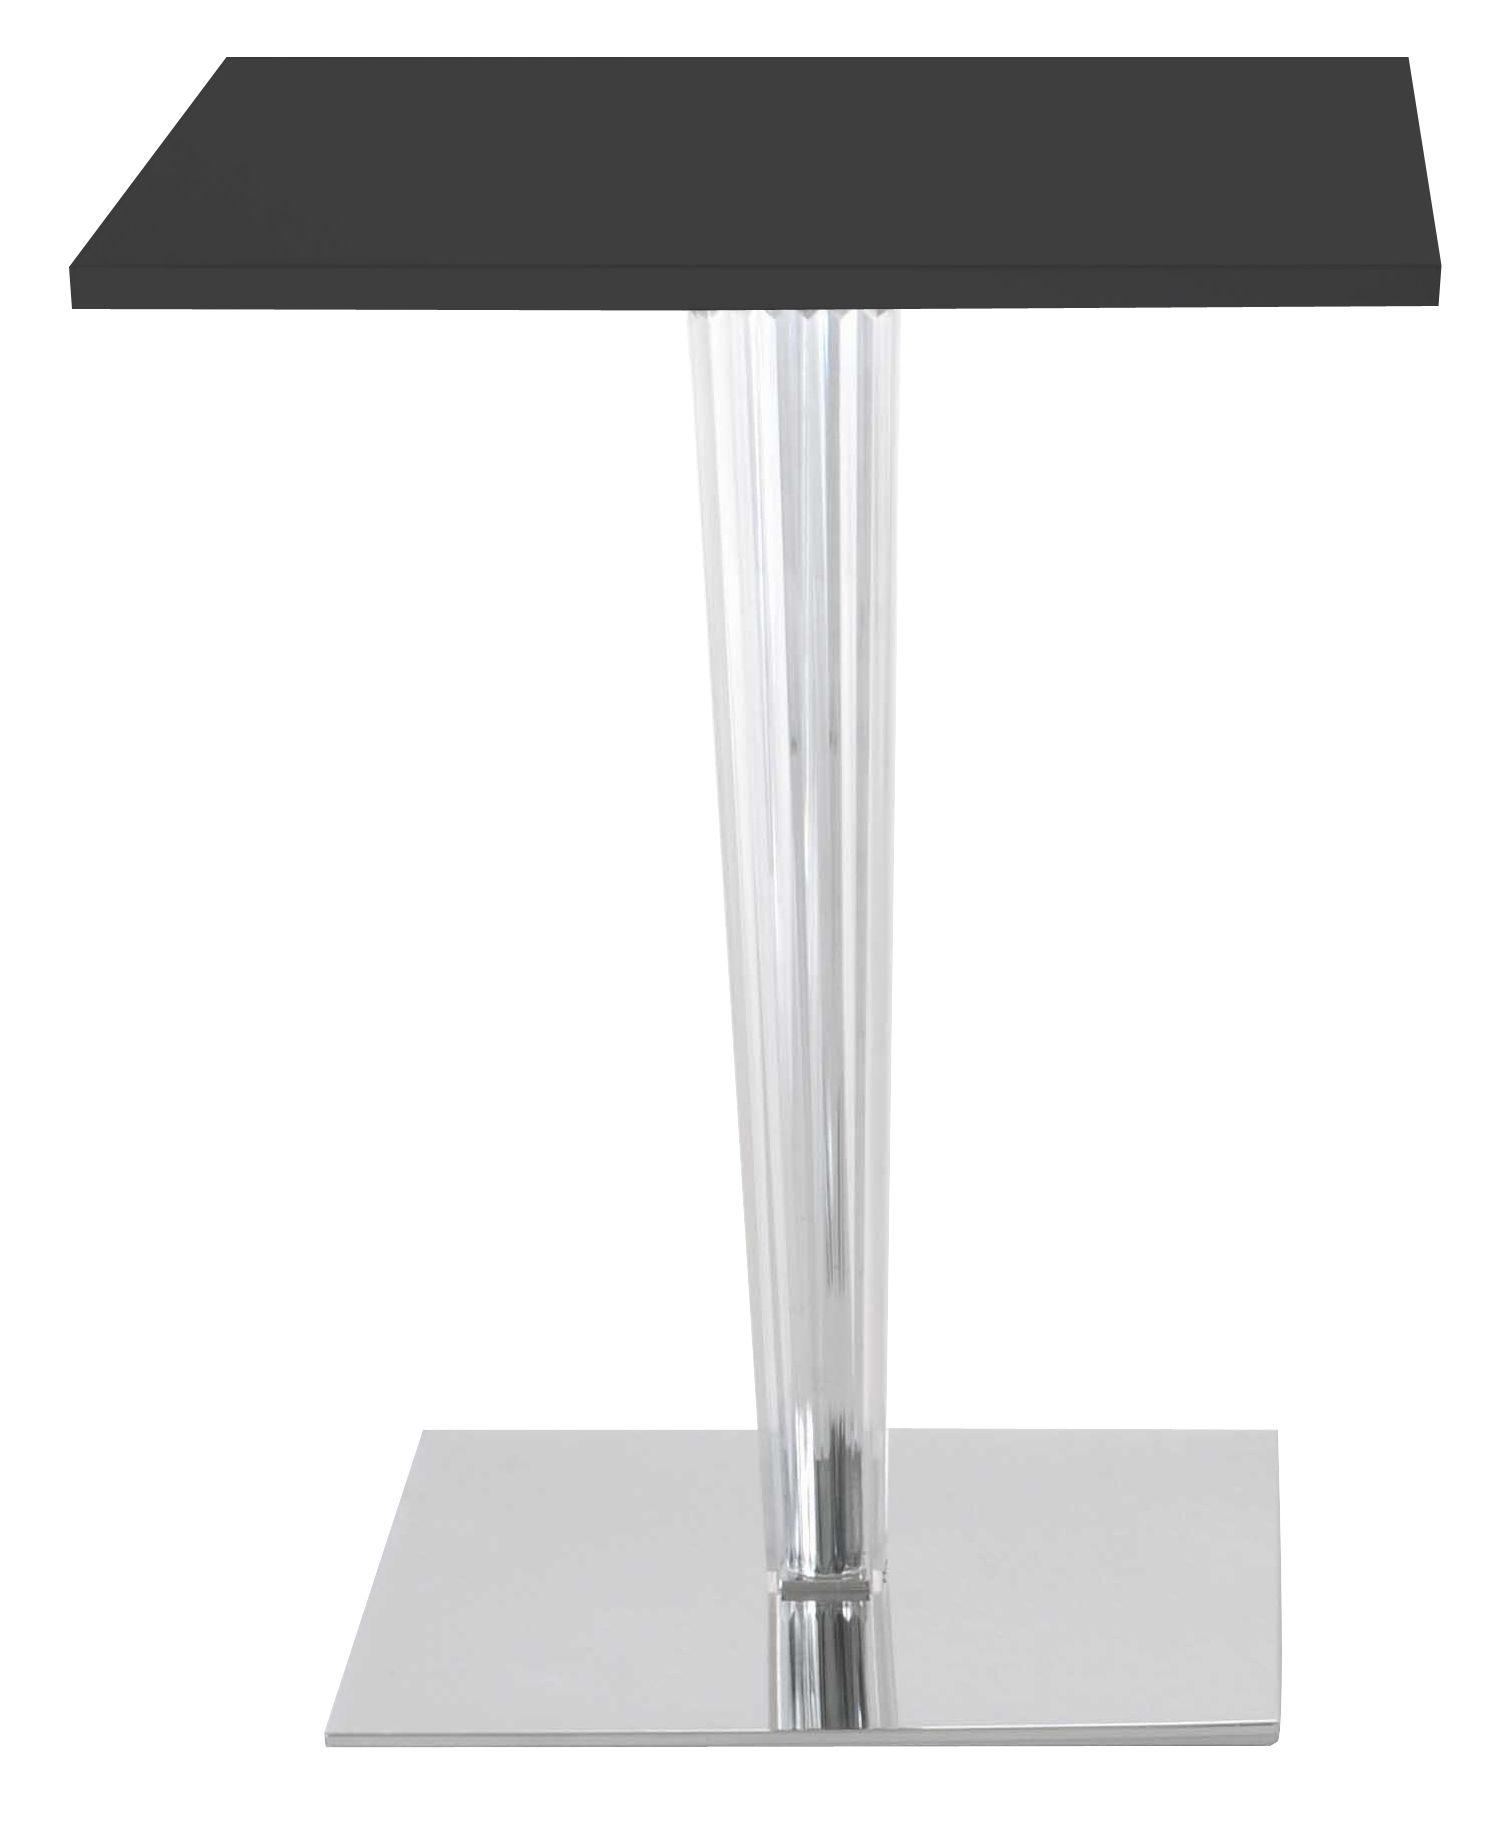 Möbel - Tische - Top Top quadratischer Tisch mit eckiger Tischplatte lackiert - Kartell - Schwarz / Fuß rechteckig - Aluminium, lackiertes Polyester, PMMA